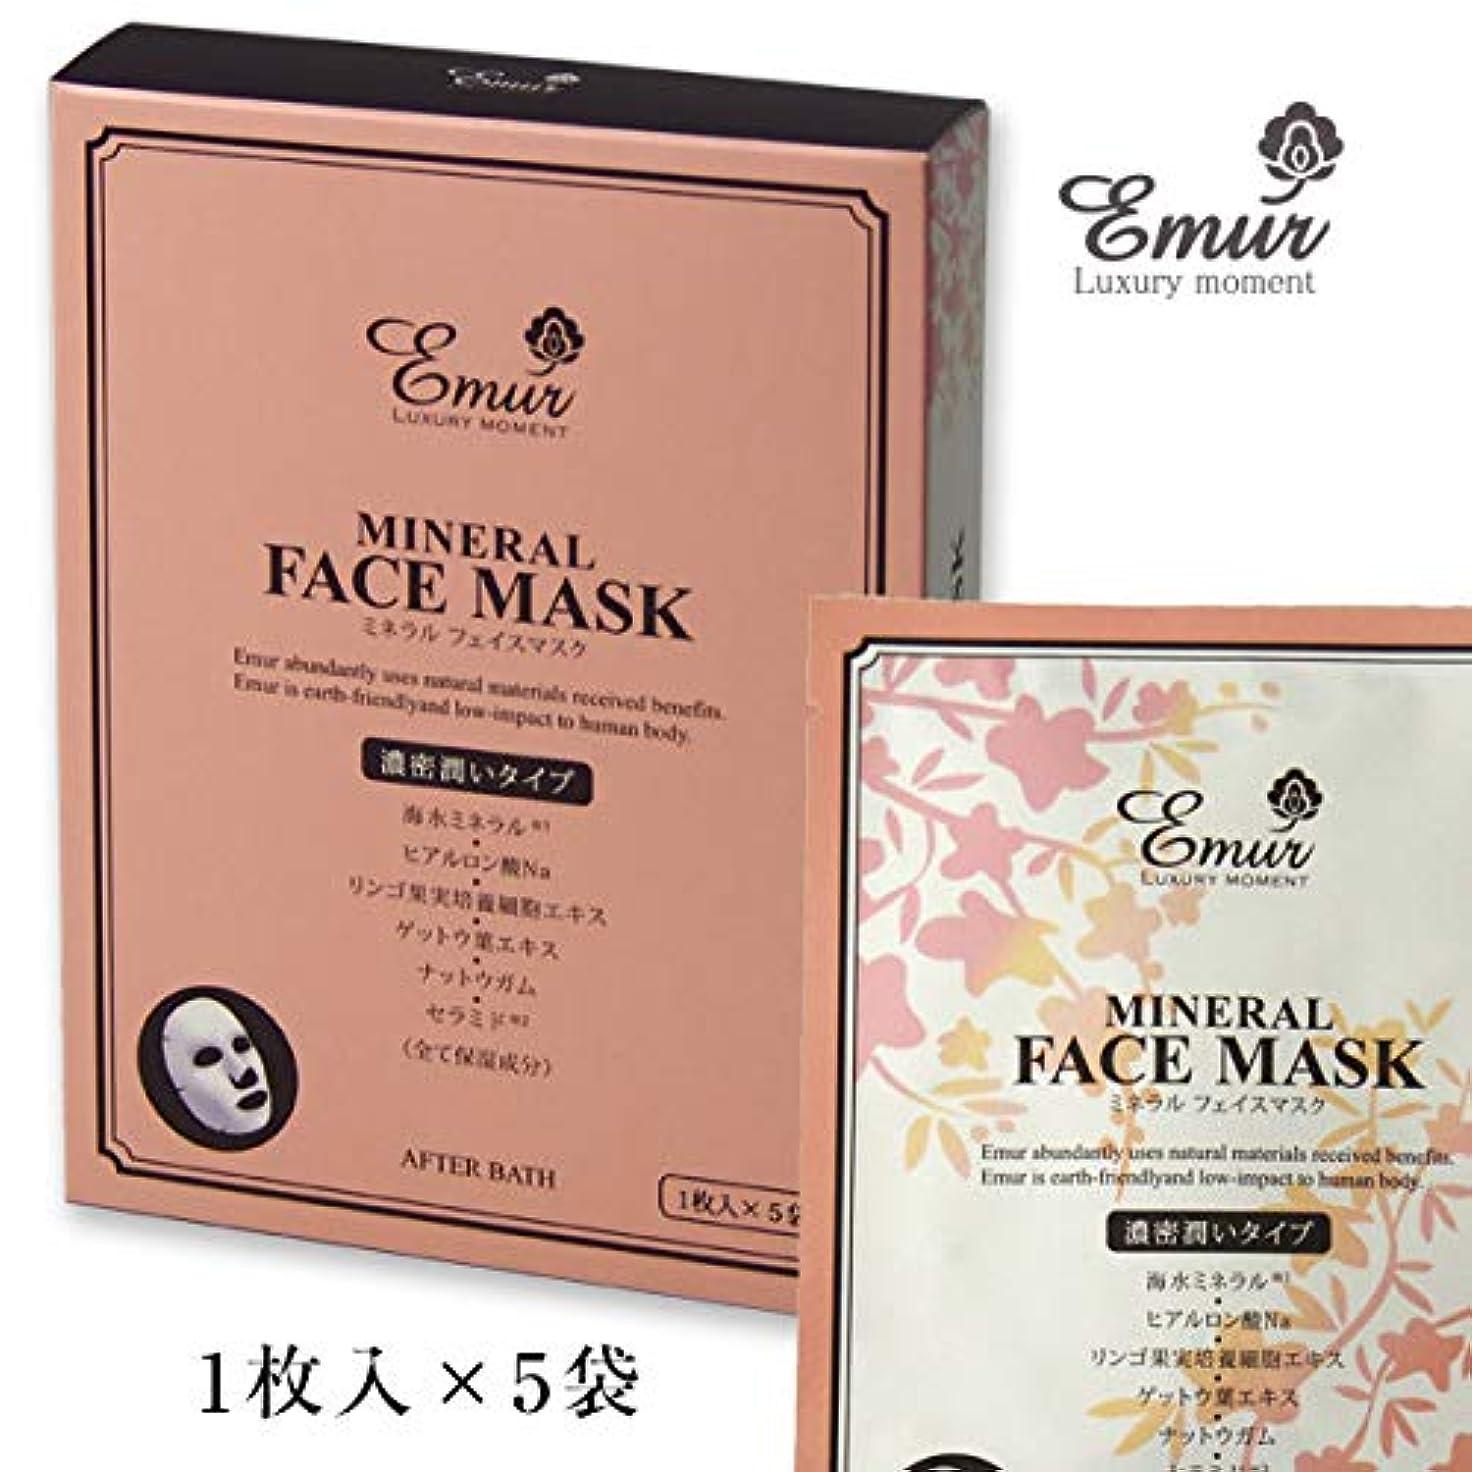 ヒロイック思われる不測の事態エミュール ミネラル フェイスマスク 1枚入×5袋